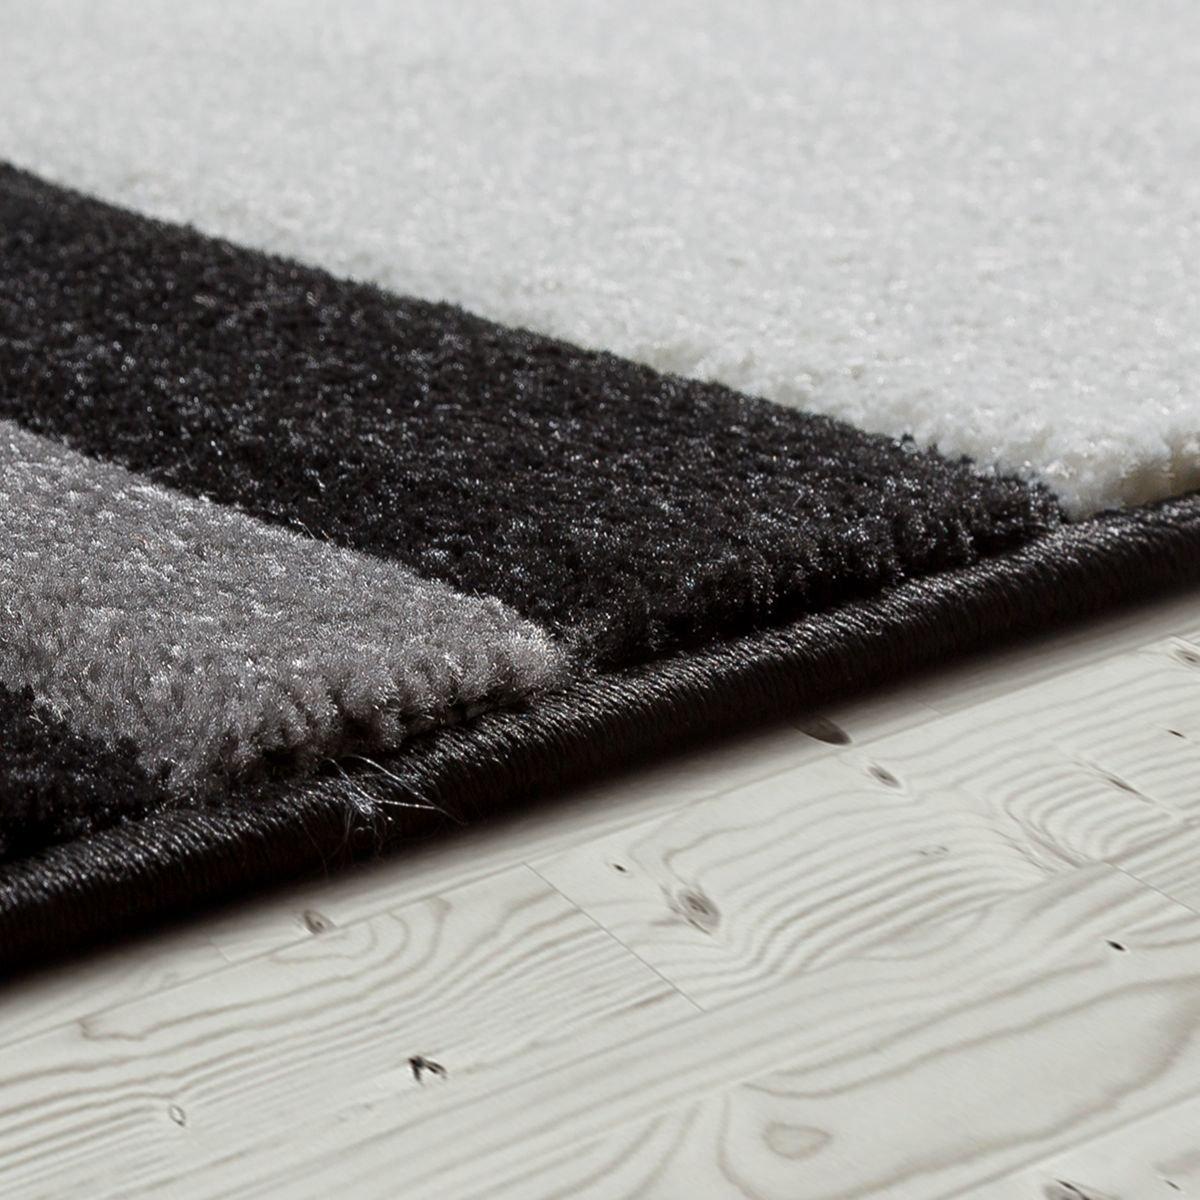 T&T Design Moderner Teppich Teppich Teppich   Wohnzimmer Schlafzimmer Esszimmer   Weicher Kurzflor   Wellen Muster   In Versch. Farben und Größen, Größe 160x230 cm, Farbe braun B07HLGGFR9 Teppiche 98a381